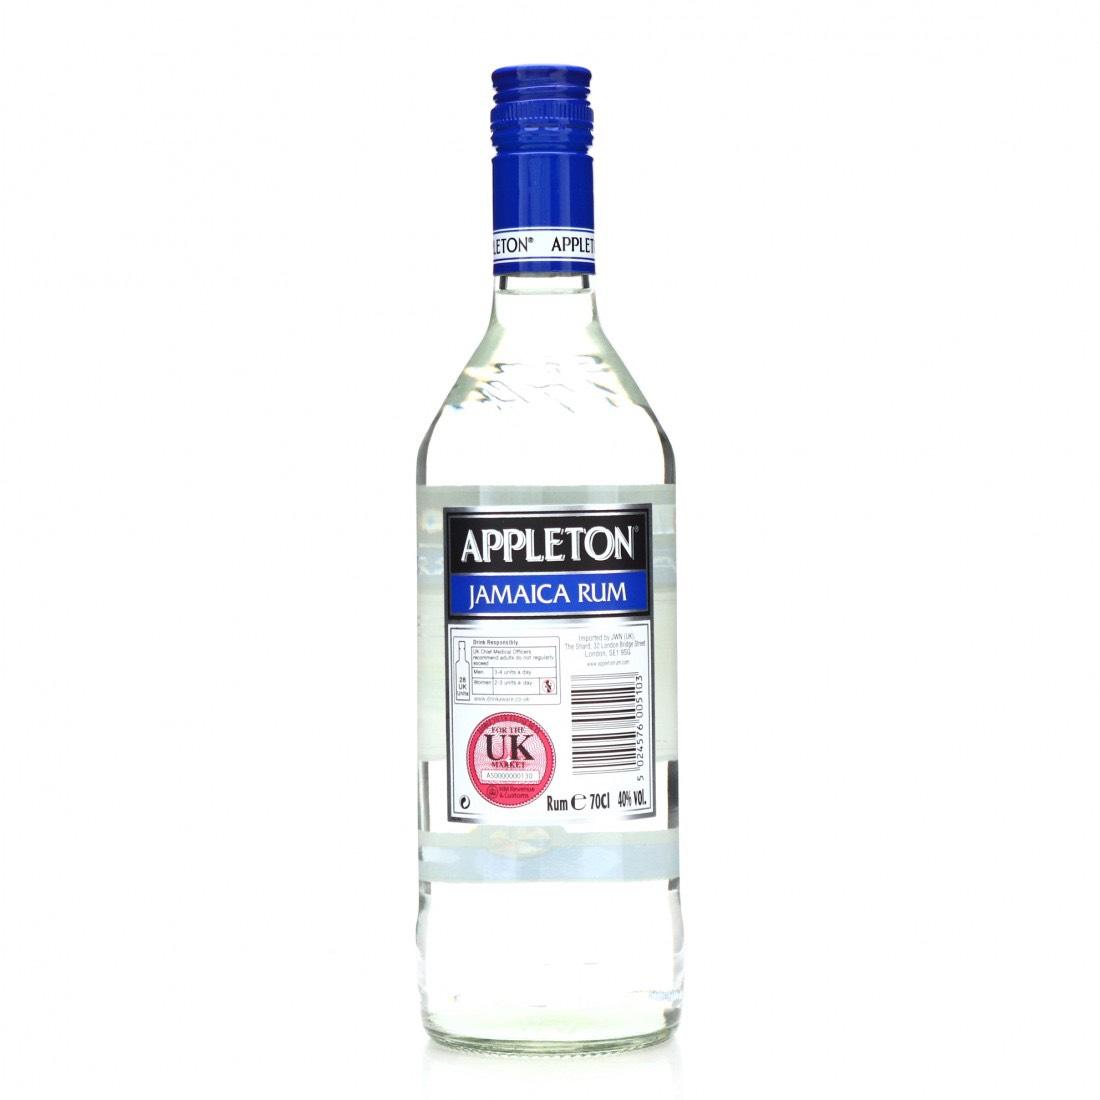 Bottle image of White Classic Jamaica Rum